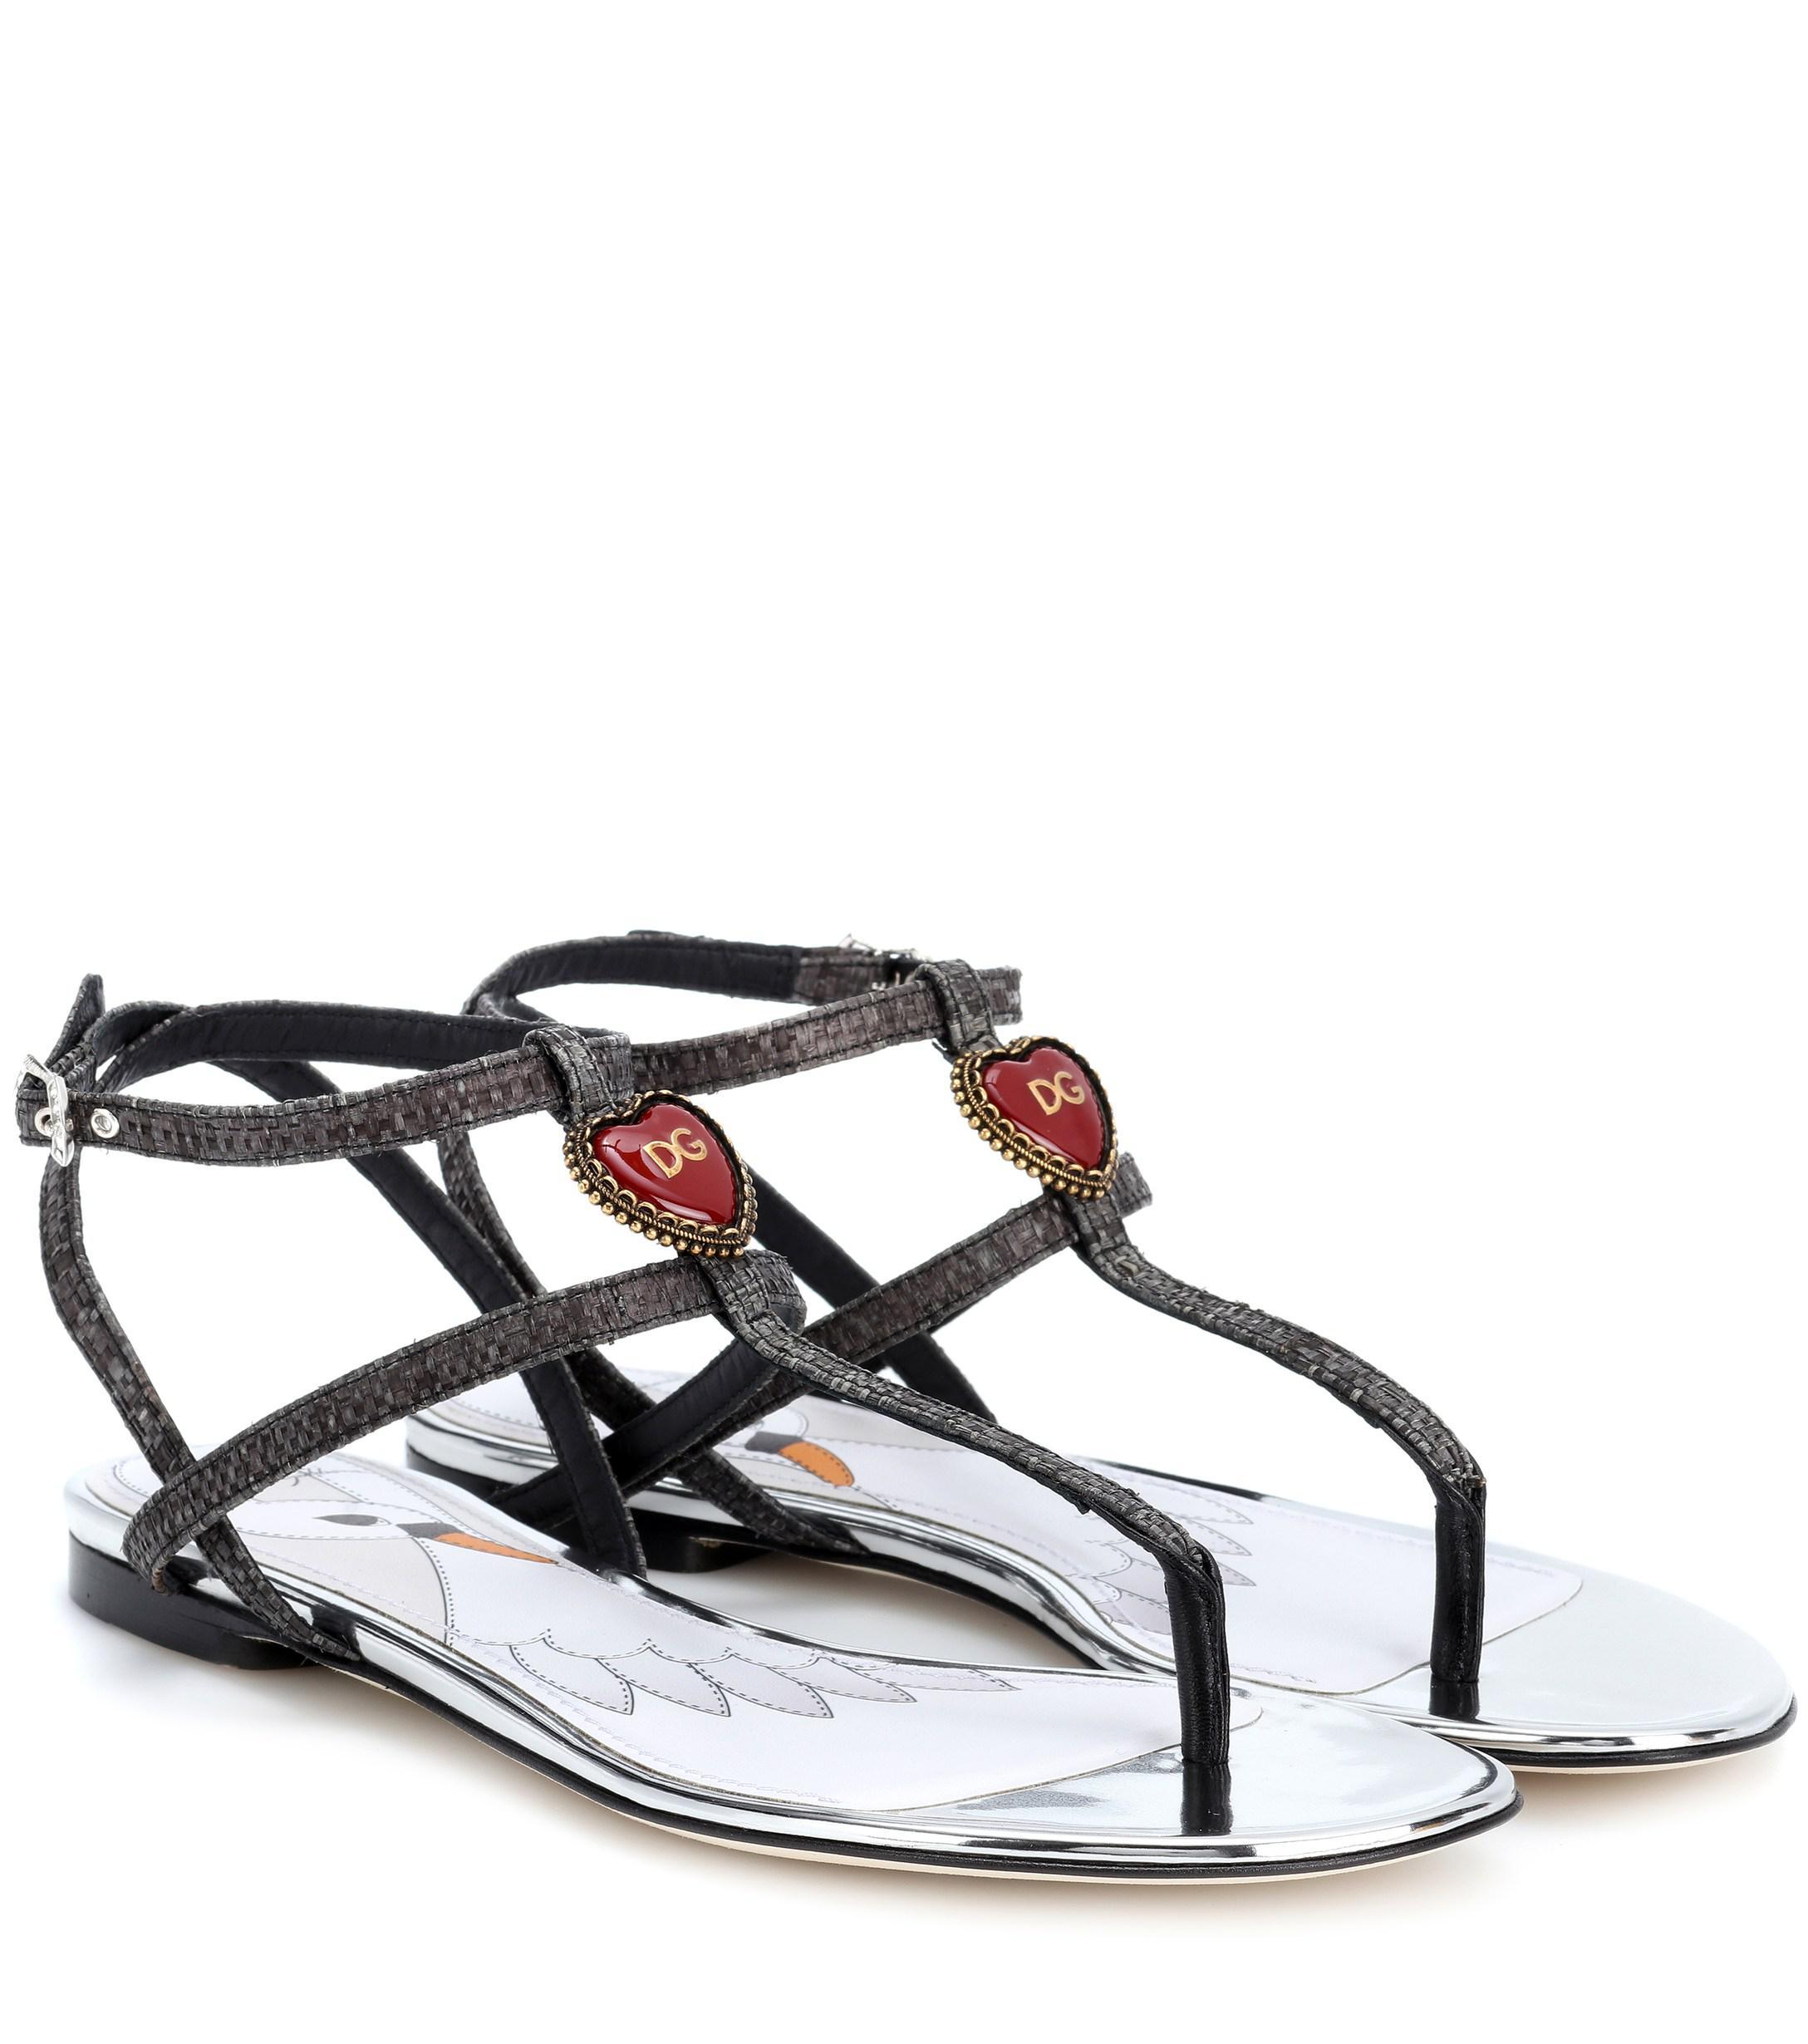 Lyst Adornos Negro Gabbana Con De Dolceamp; Sandalias Color UzpqMVS